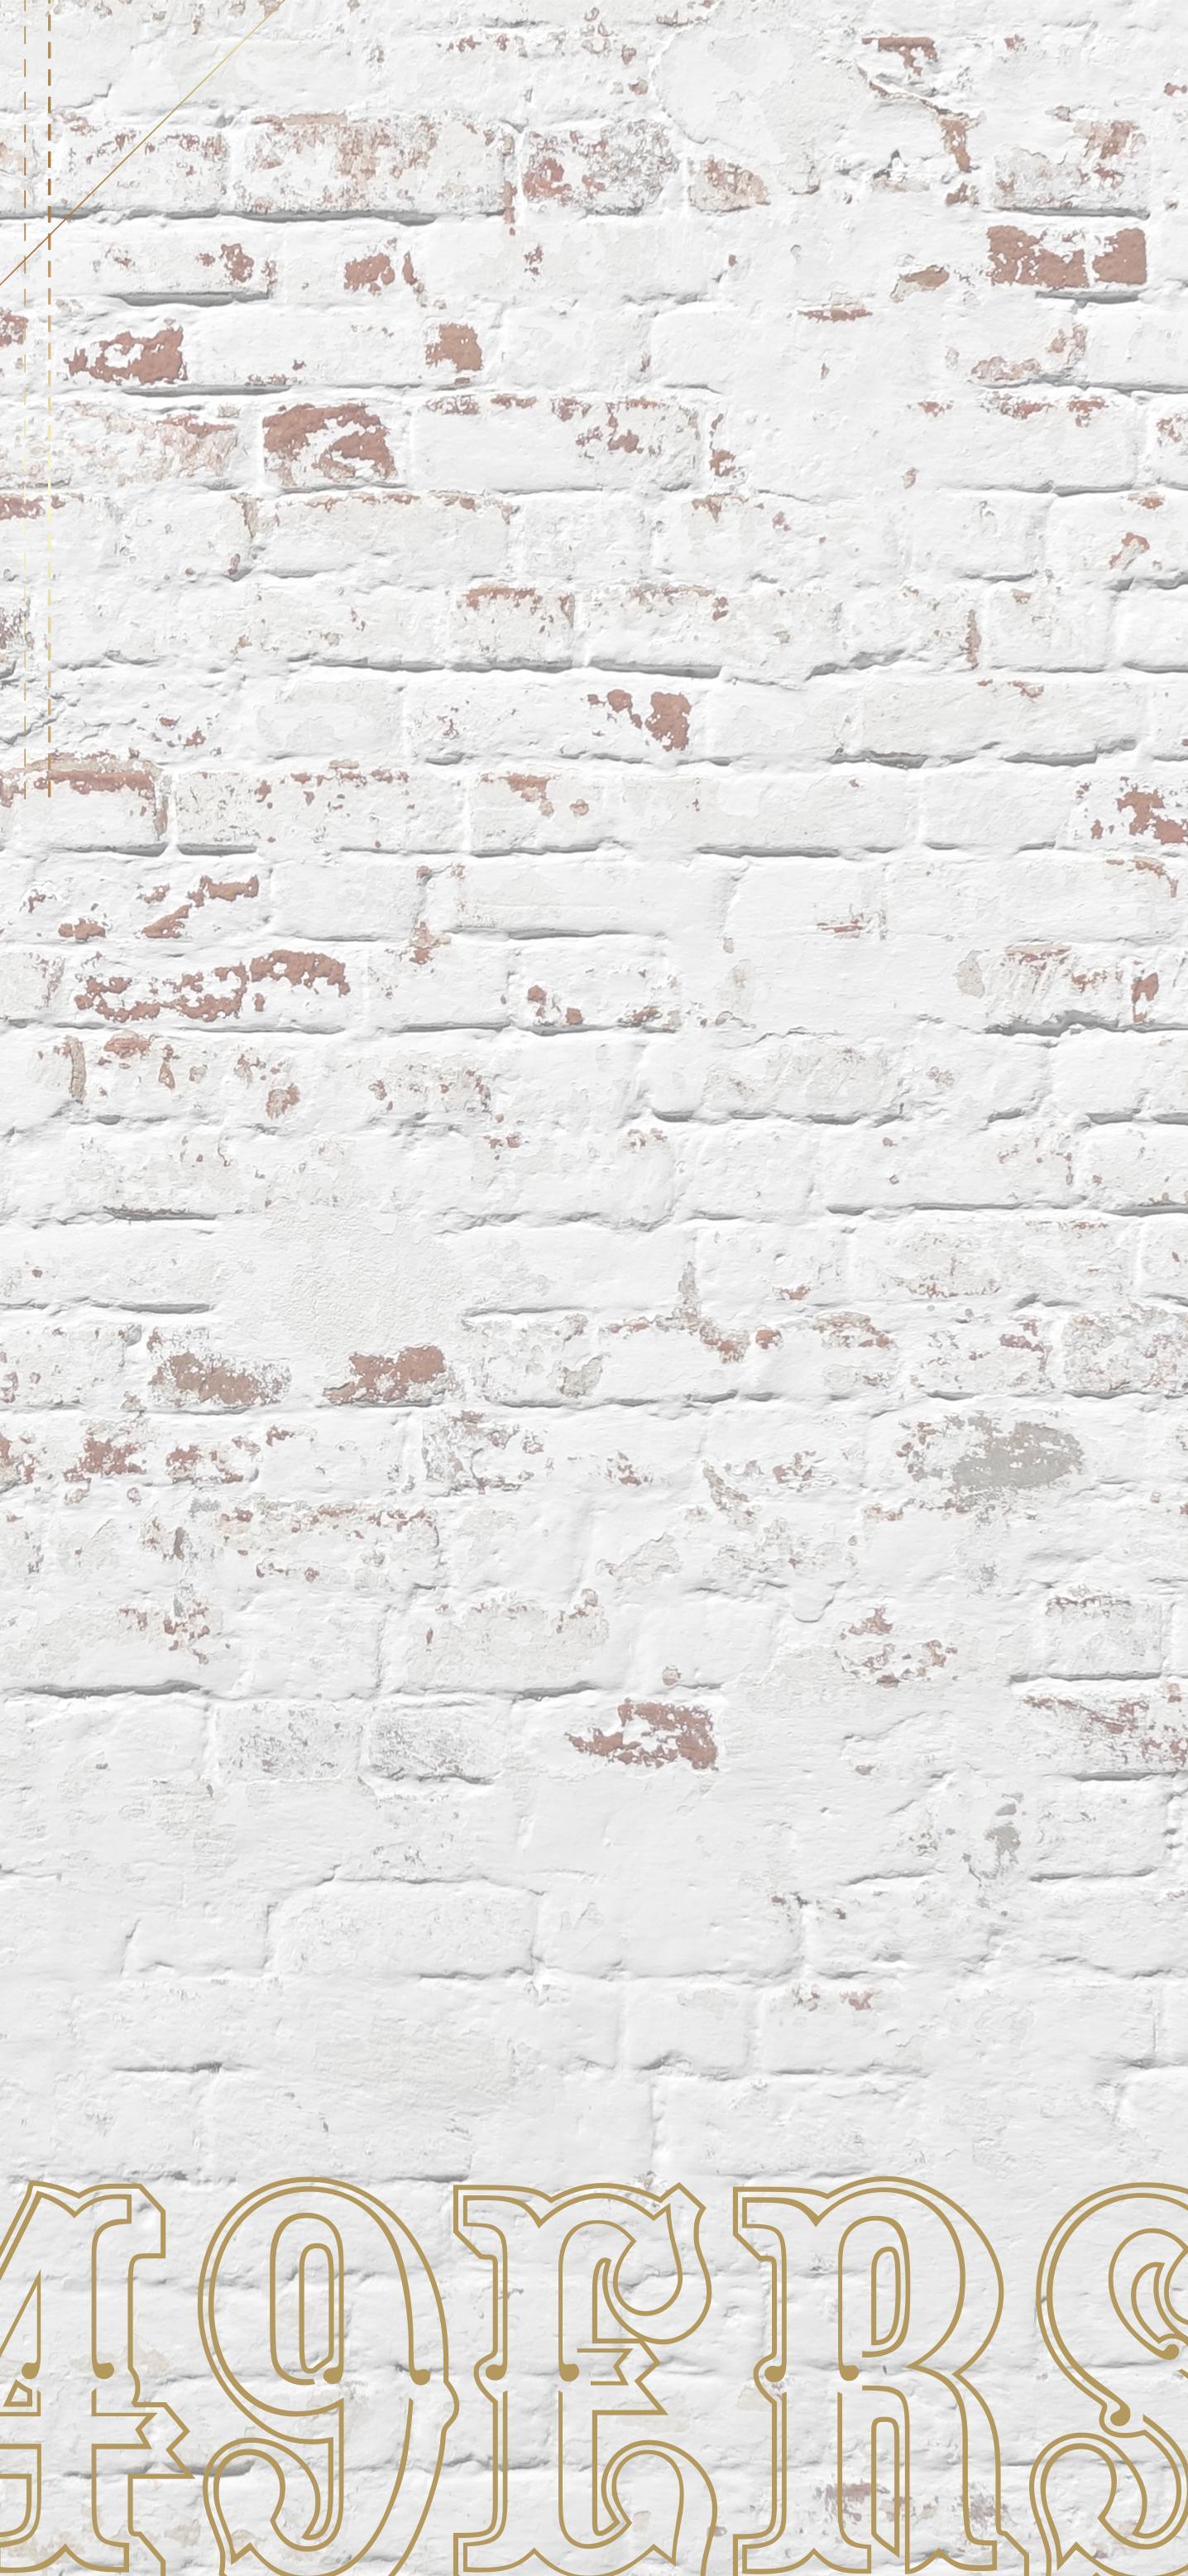 FTTB-ios14-background-White